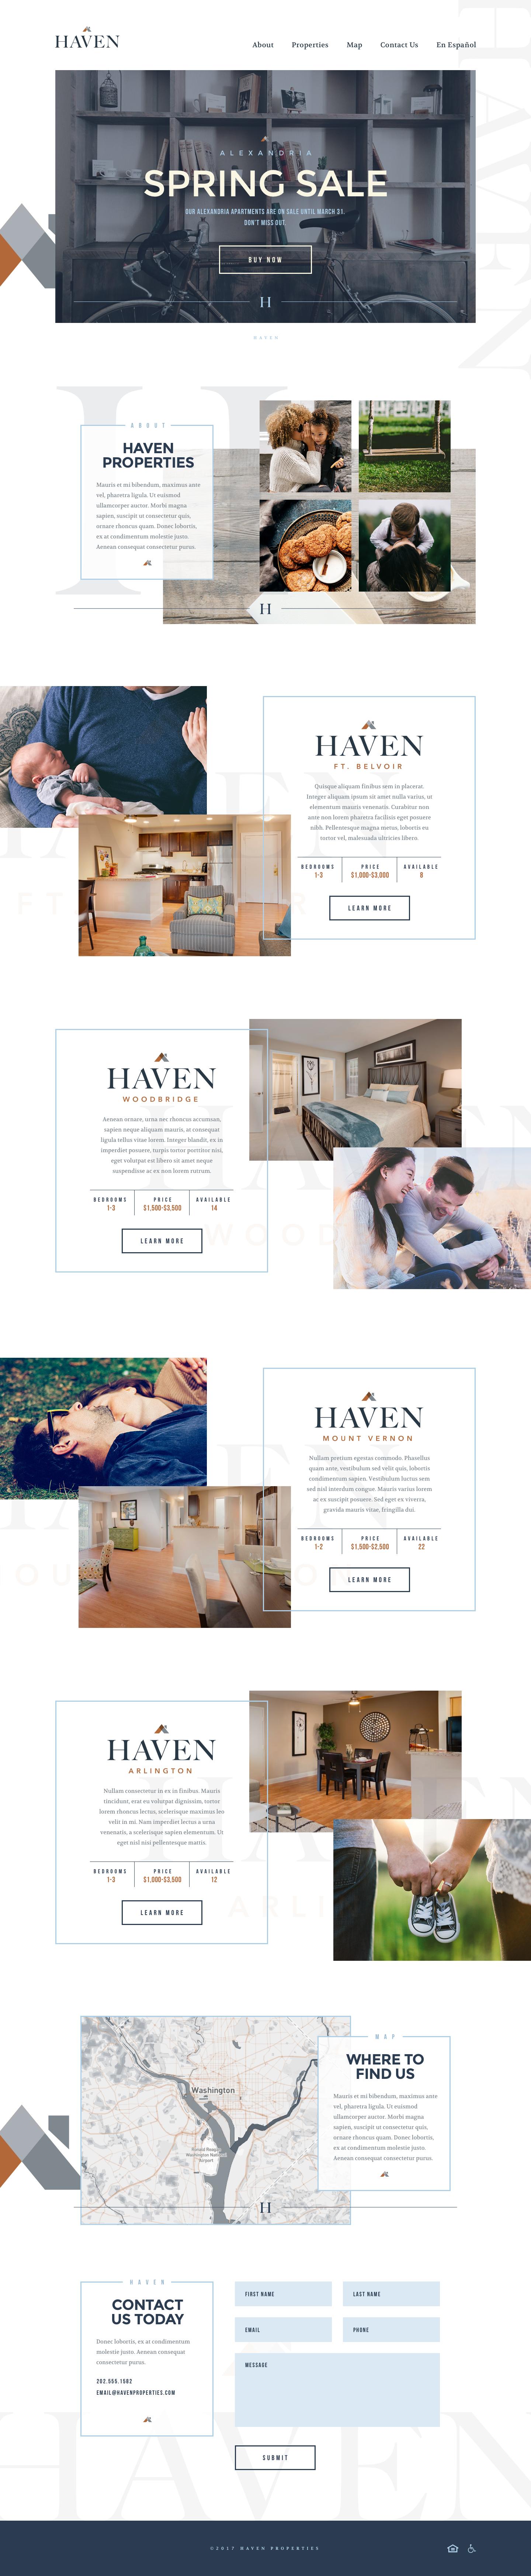 Haven Website Design Web Design Portal Design Web Design Inspiration